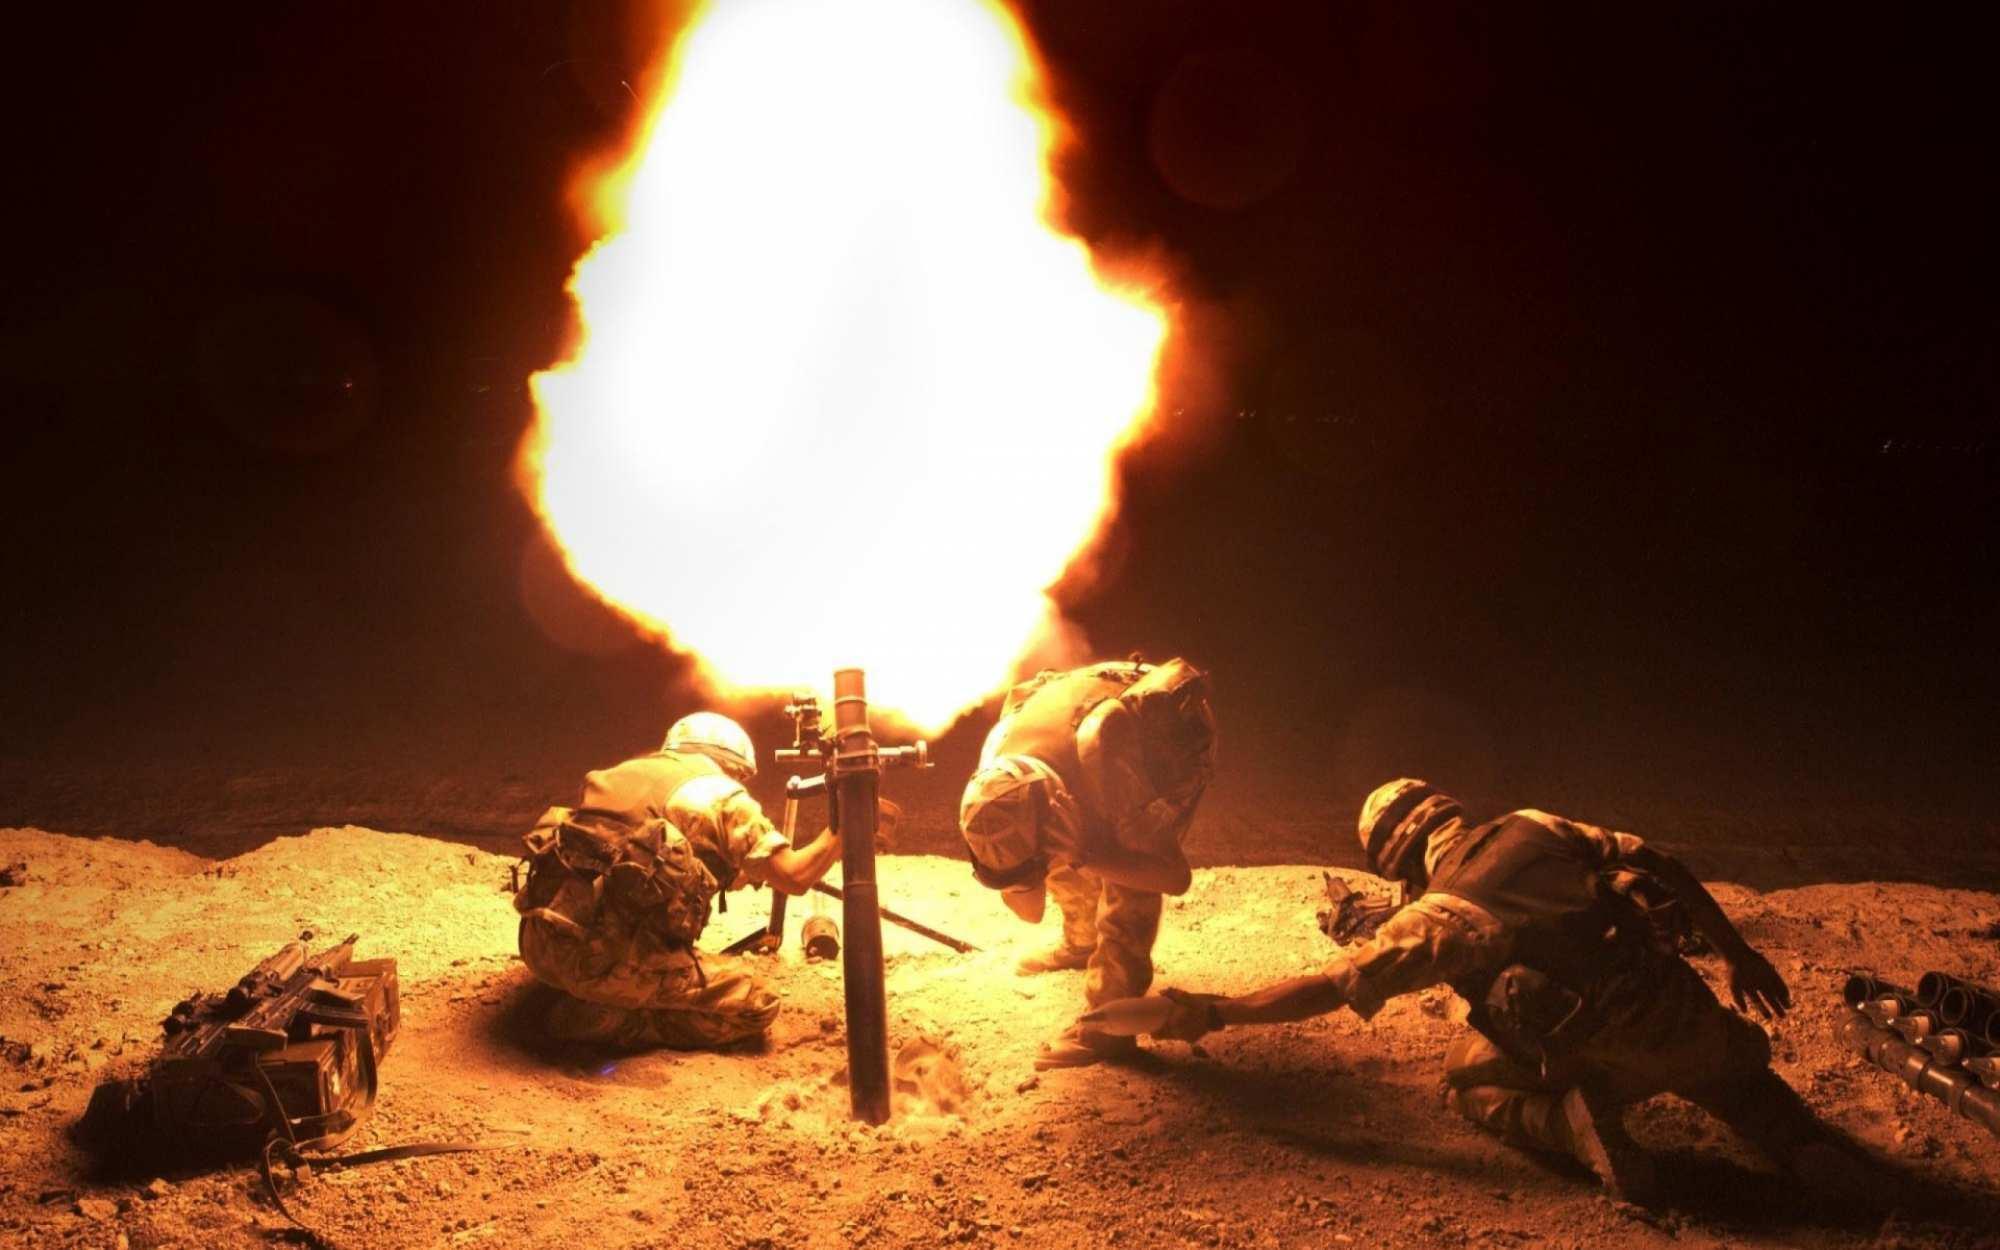 ВСУ вечером выпустили более сотни мин по окраинам Донецка и южным селам | Русская весна